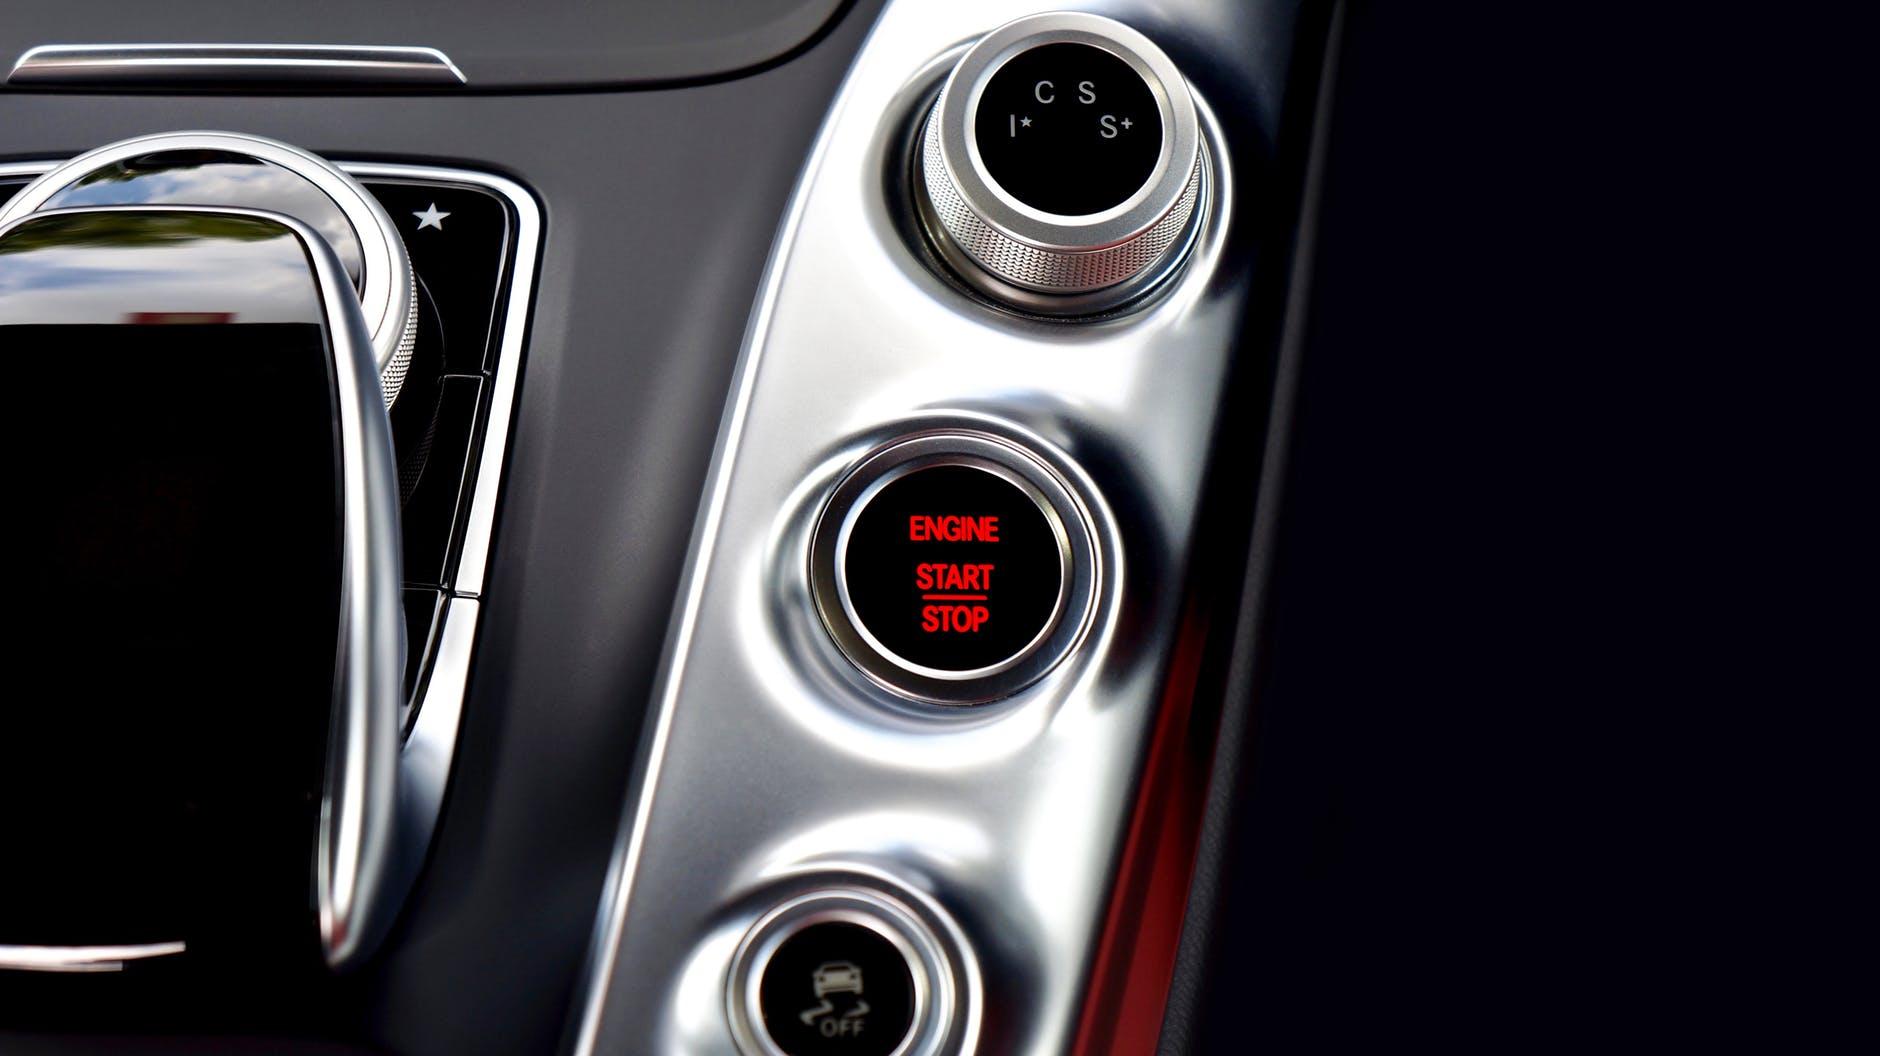 amg gt automobile automotive button